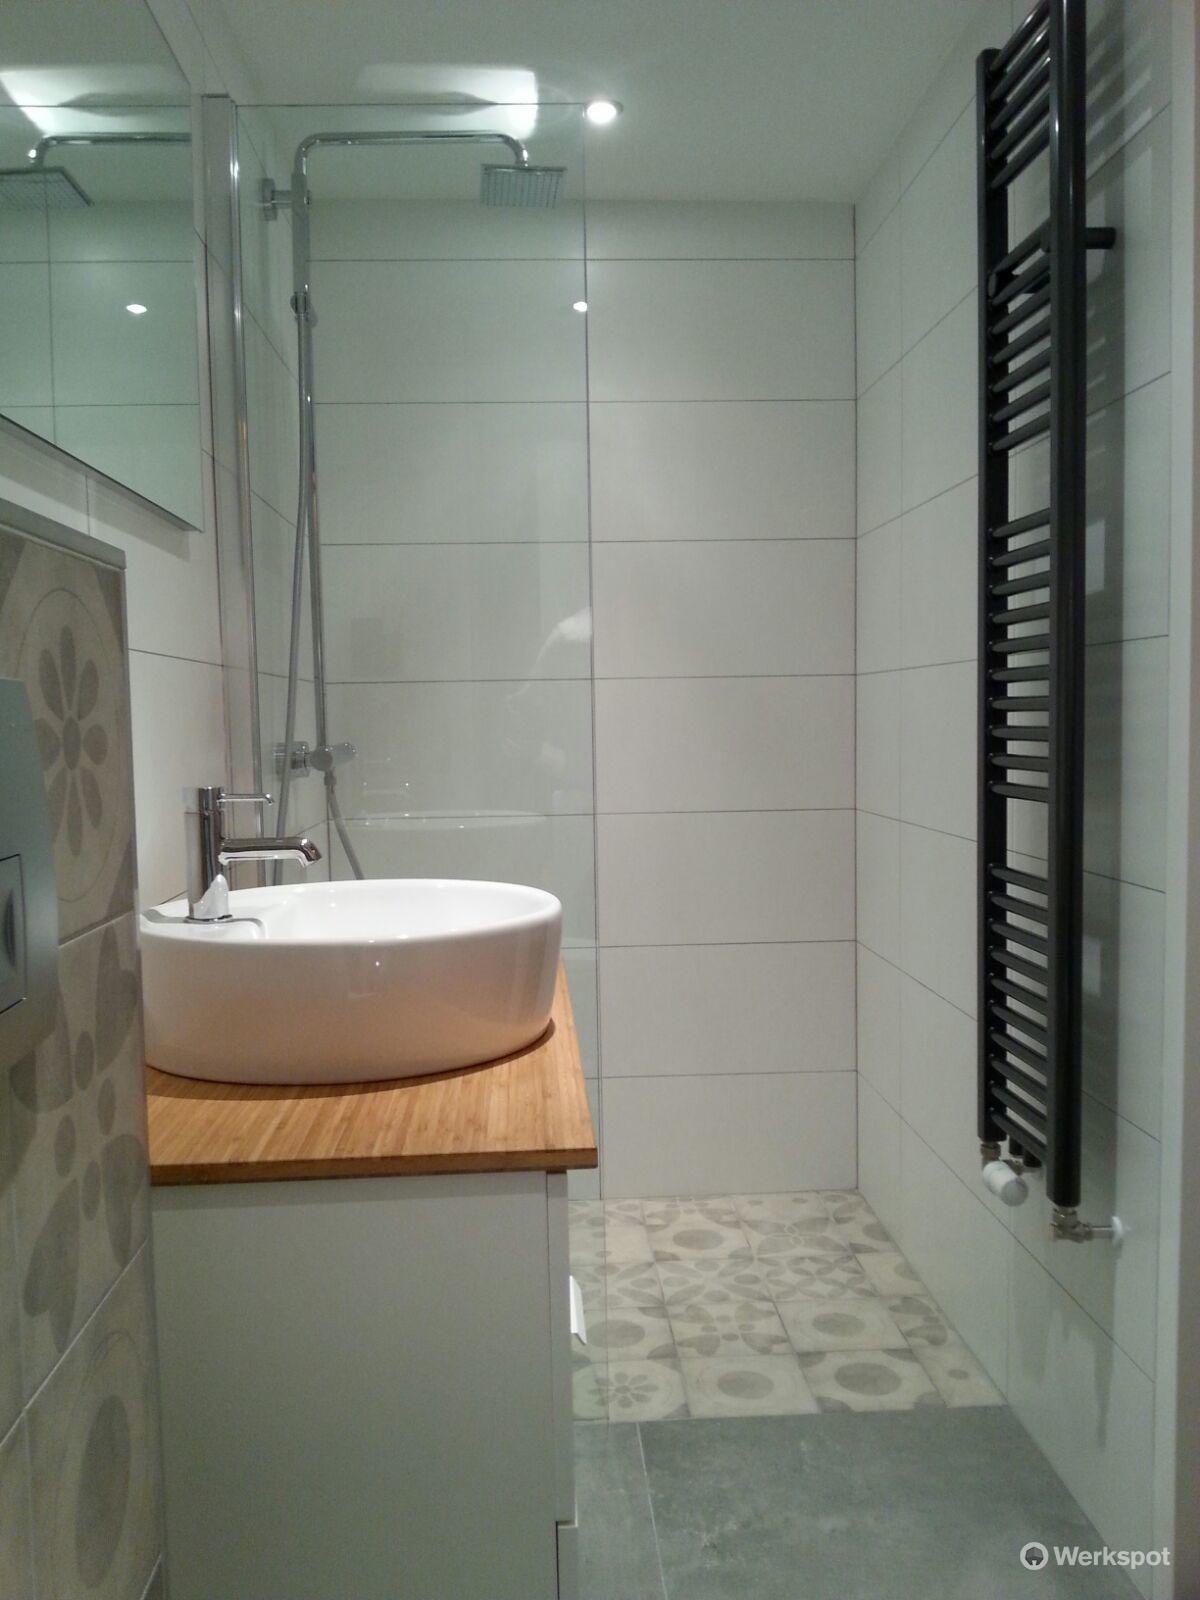 Renovatie kleine badkamer (3,70L*1,20B*2,60H) - Werkspot ...